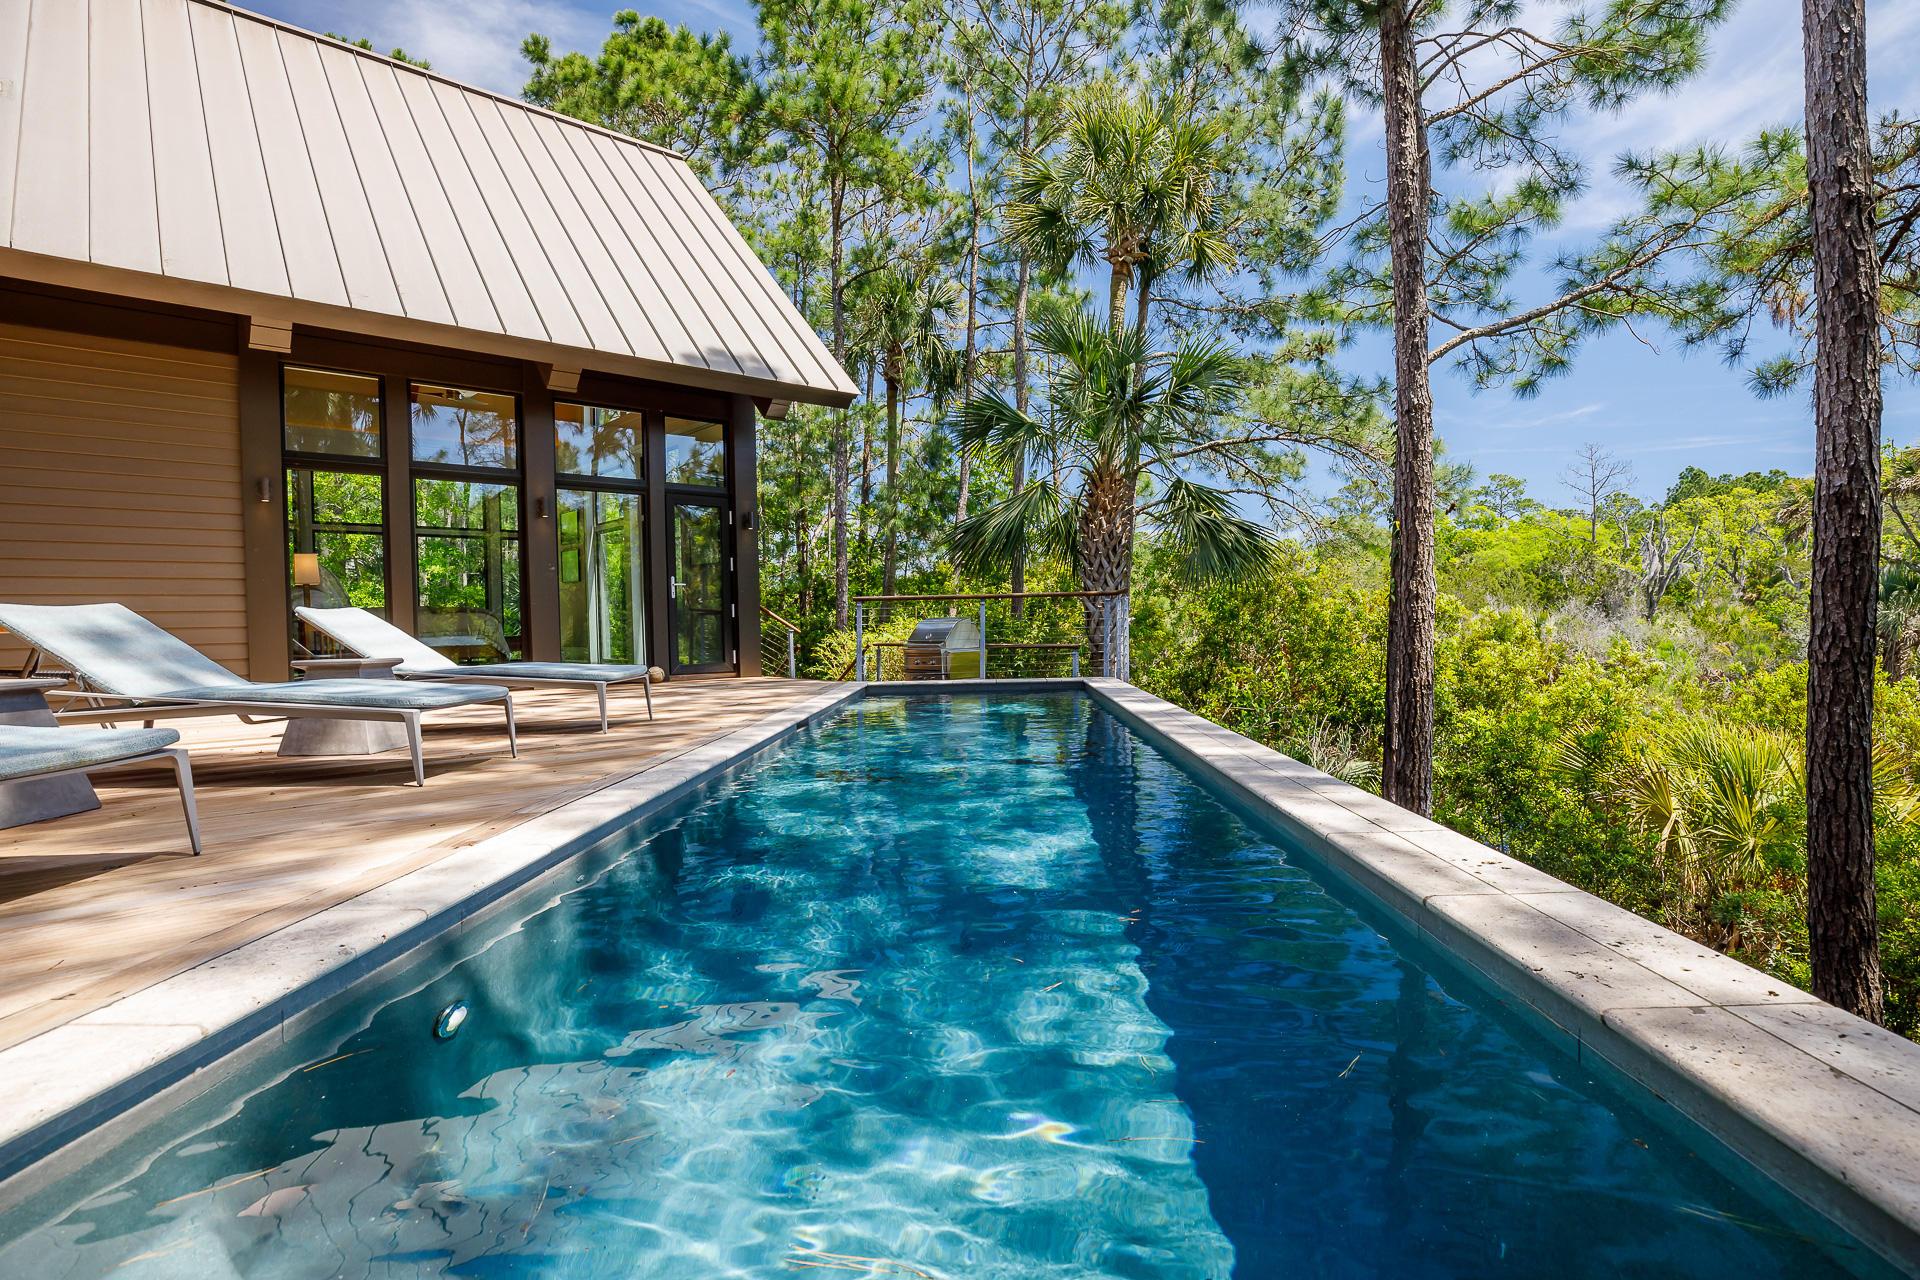 Kiawah Island Homes For Sale - 102 Blue Heron Pond, Kiawah Island, SC - 62